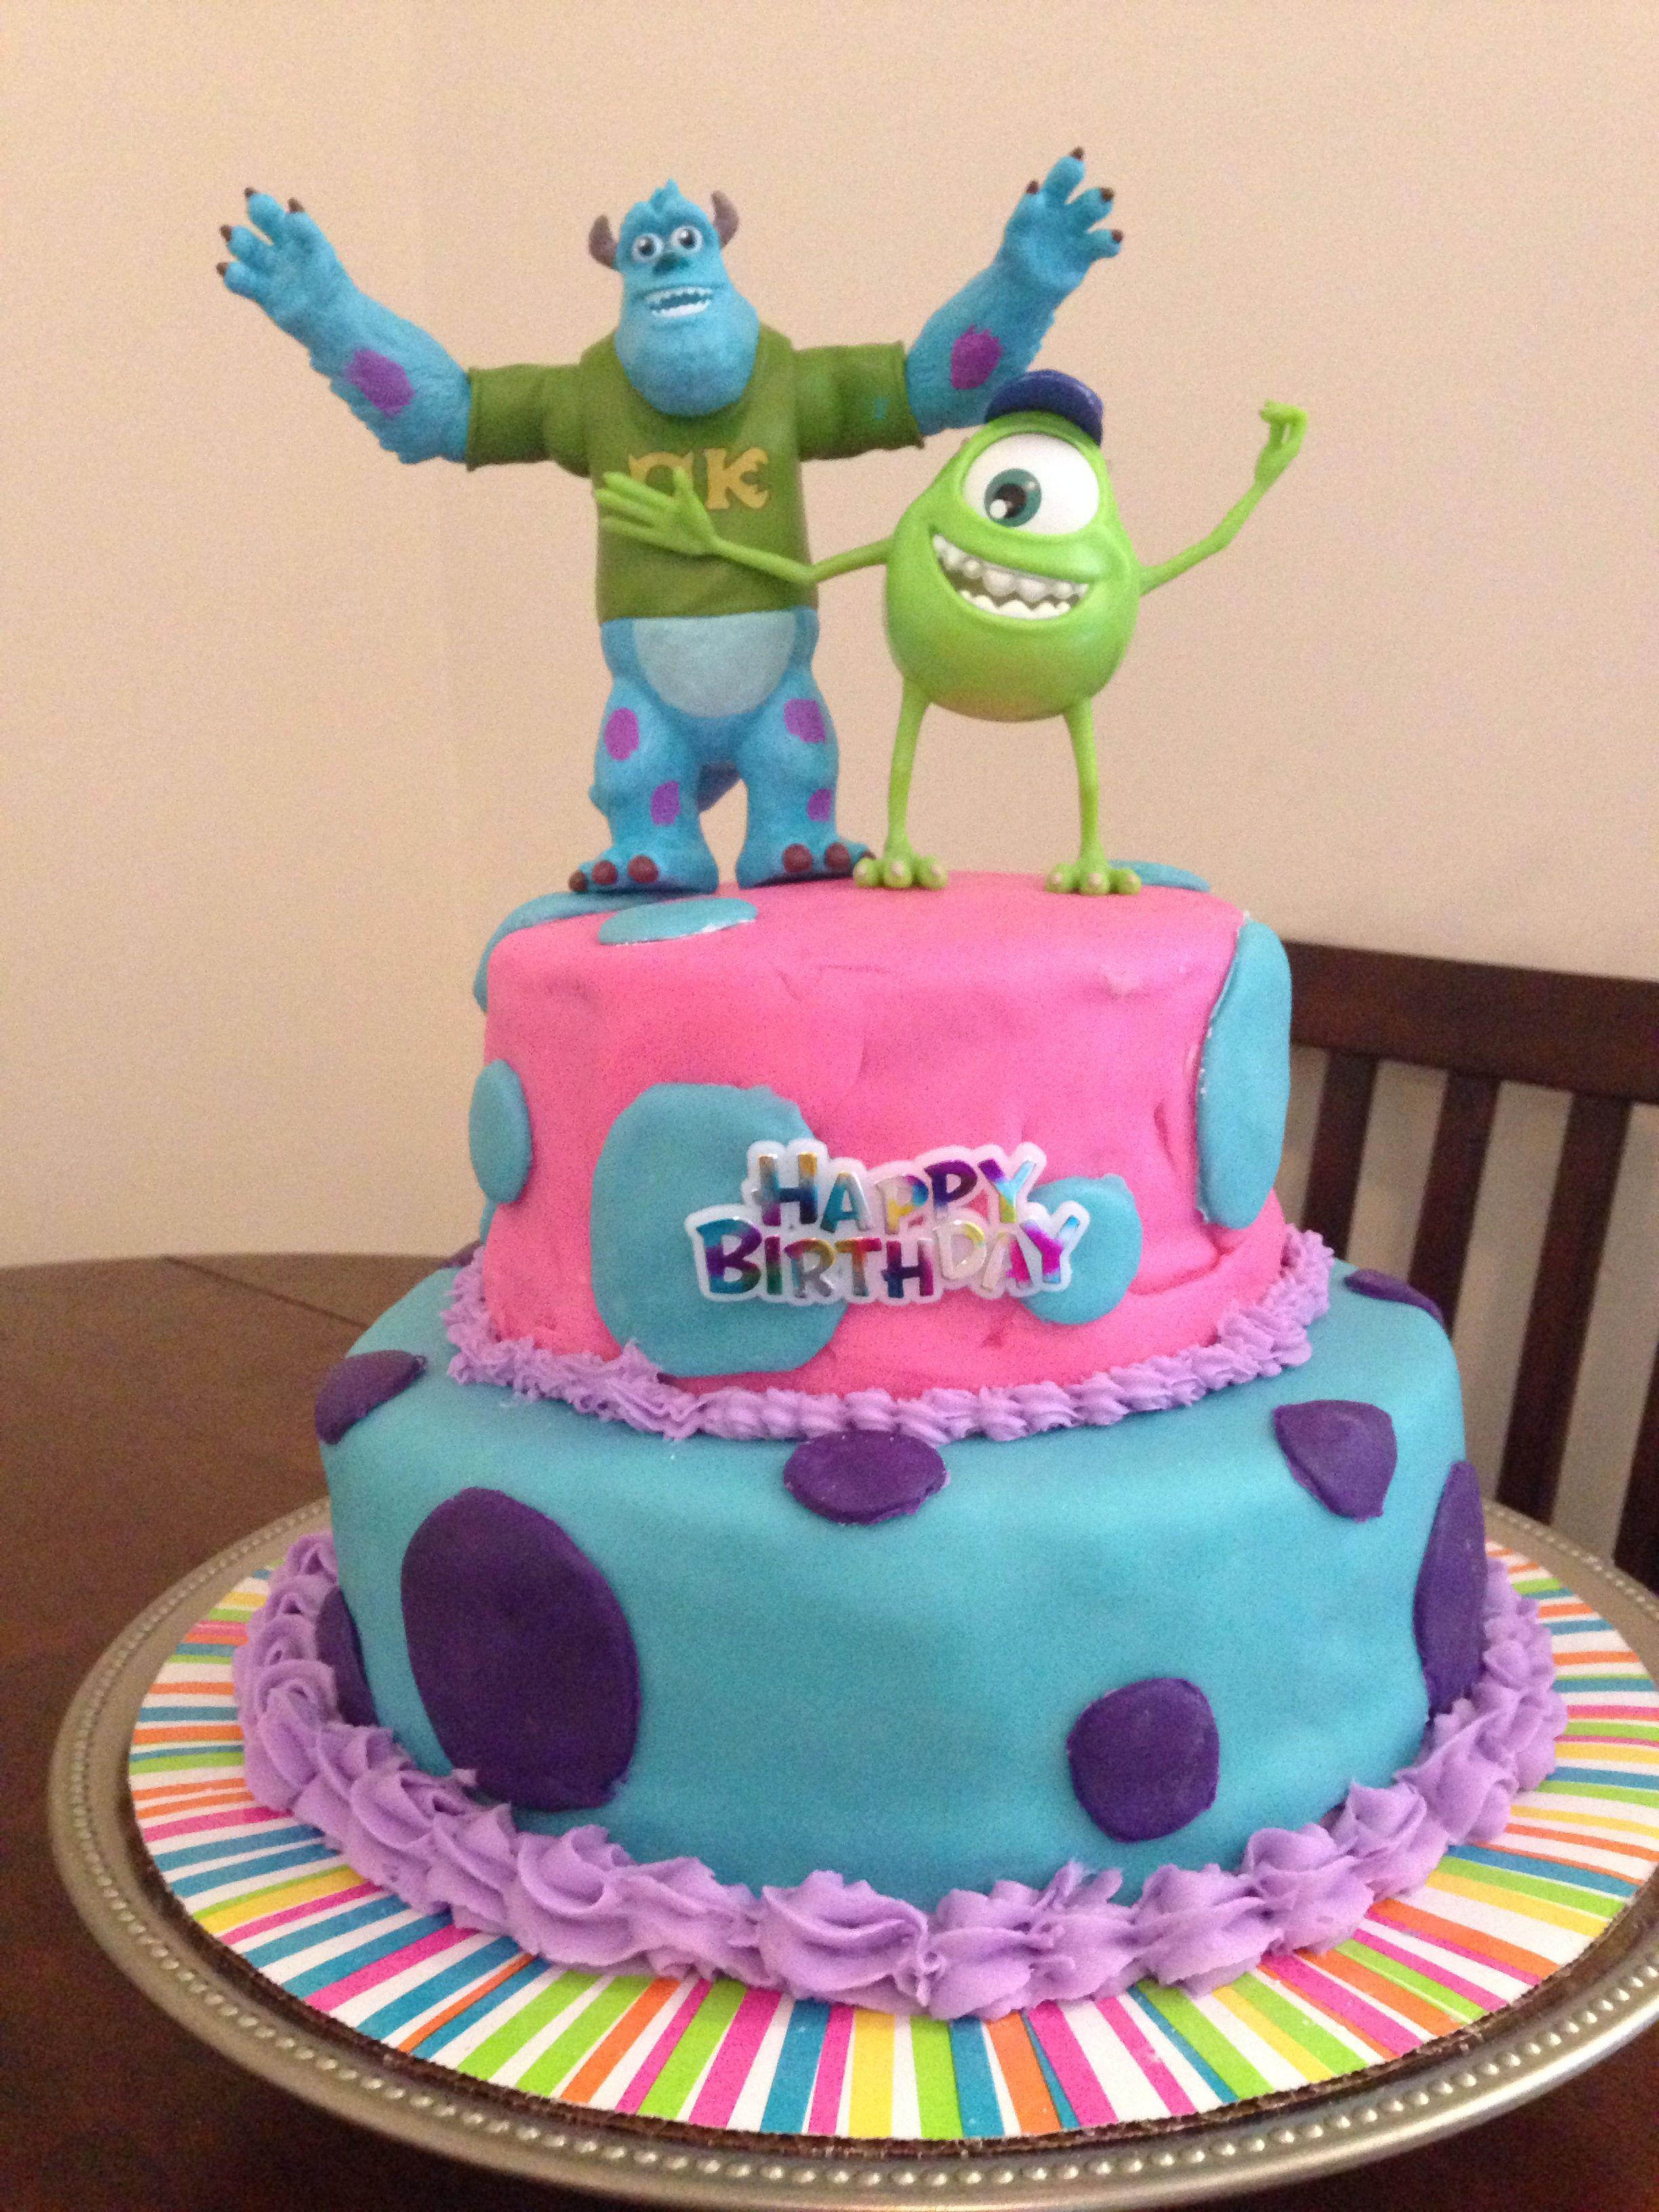 Sensational Monster University Birthday Cake Personalised Birthday Cards Epsylily Jamesorg